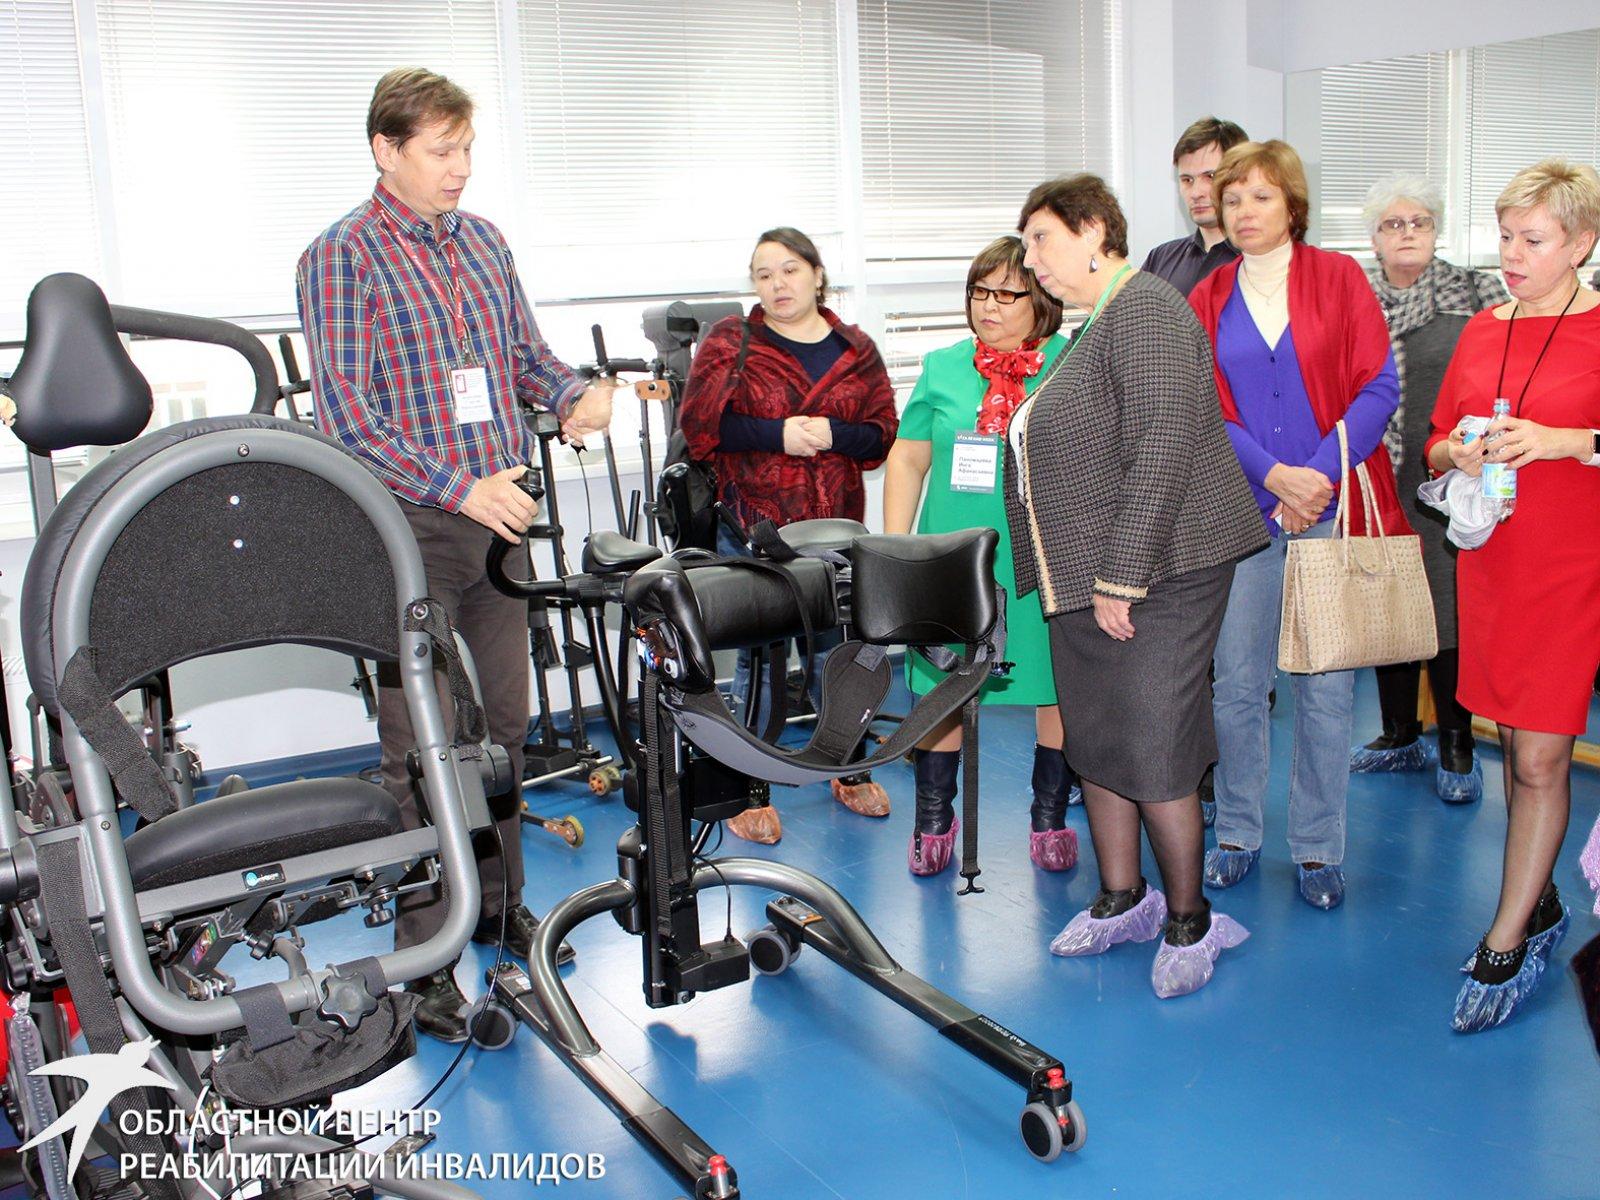 Тридцать главврачей и ведущих специалистов медучреждений страны посетили Свердловский областной центр реабилитации инвалидов